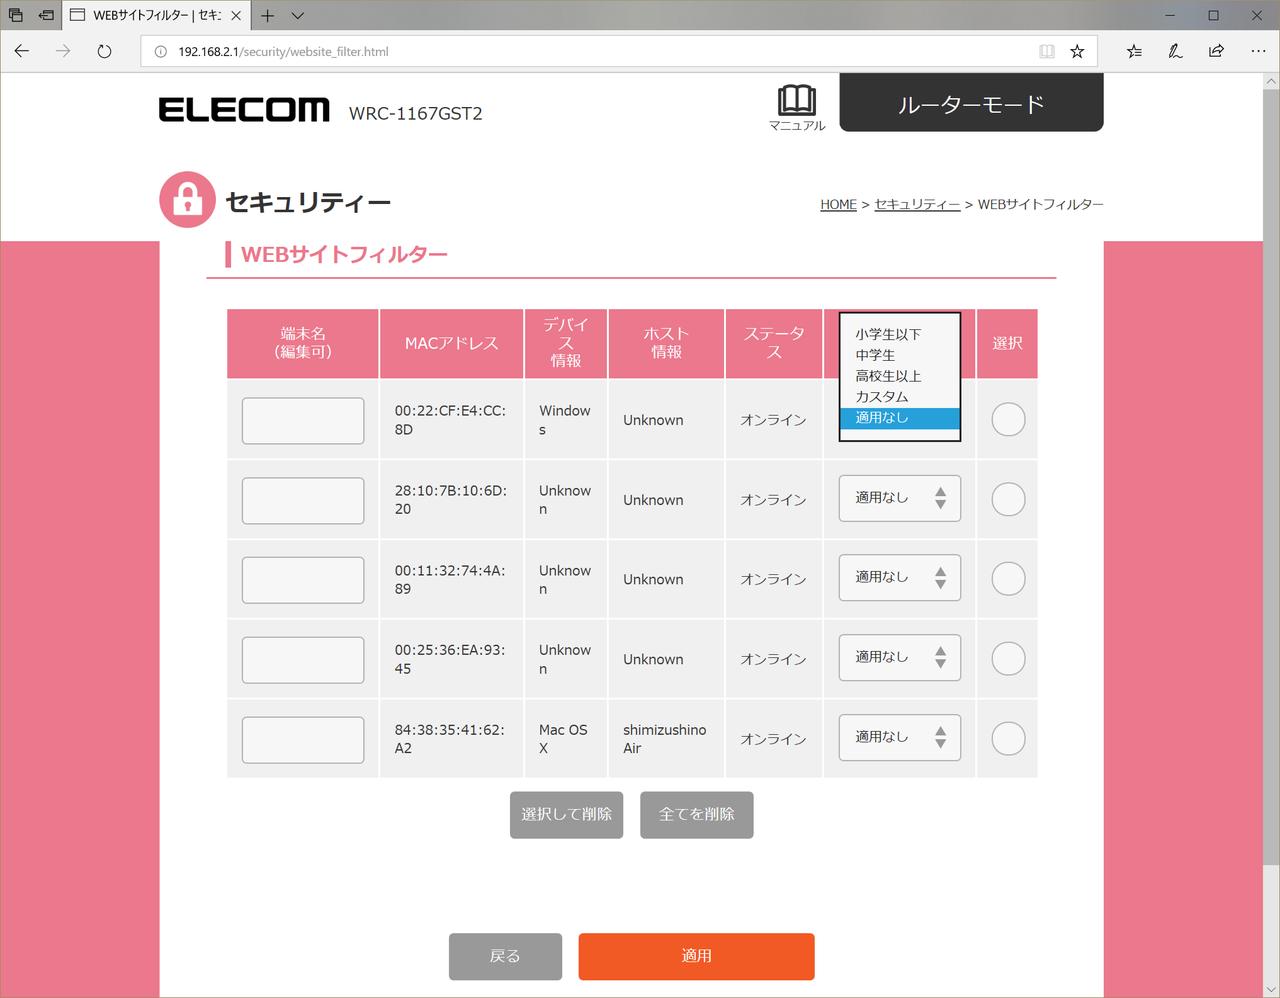 端末ごとにカテゴリを選択してアクセス可能なウェブサイトを制限できる